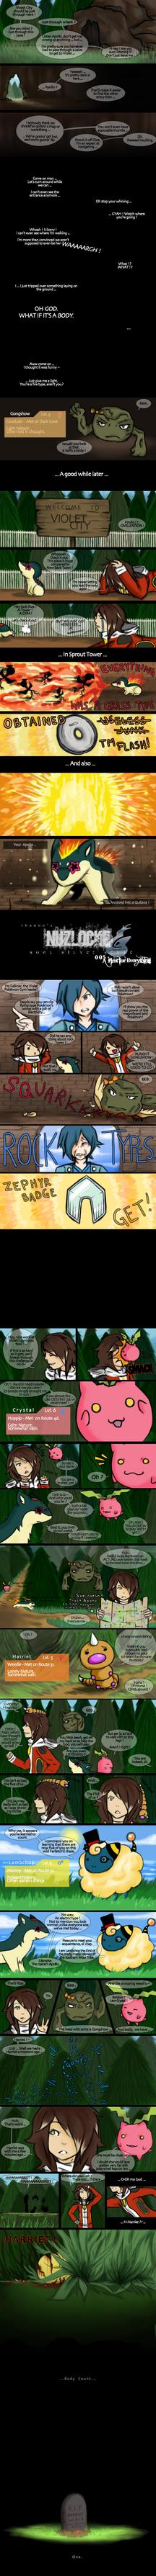 Rhaenn's SS Nuzlocke - Page 5 by Rhaenn